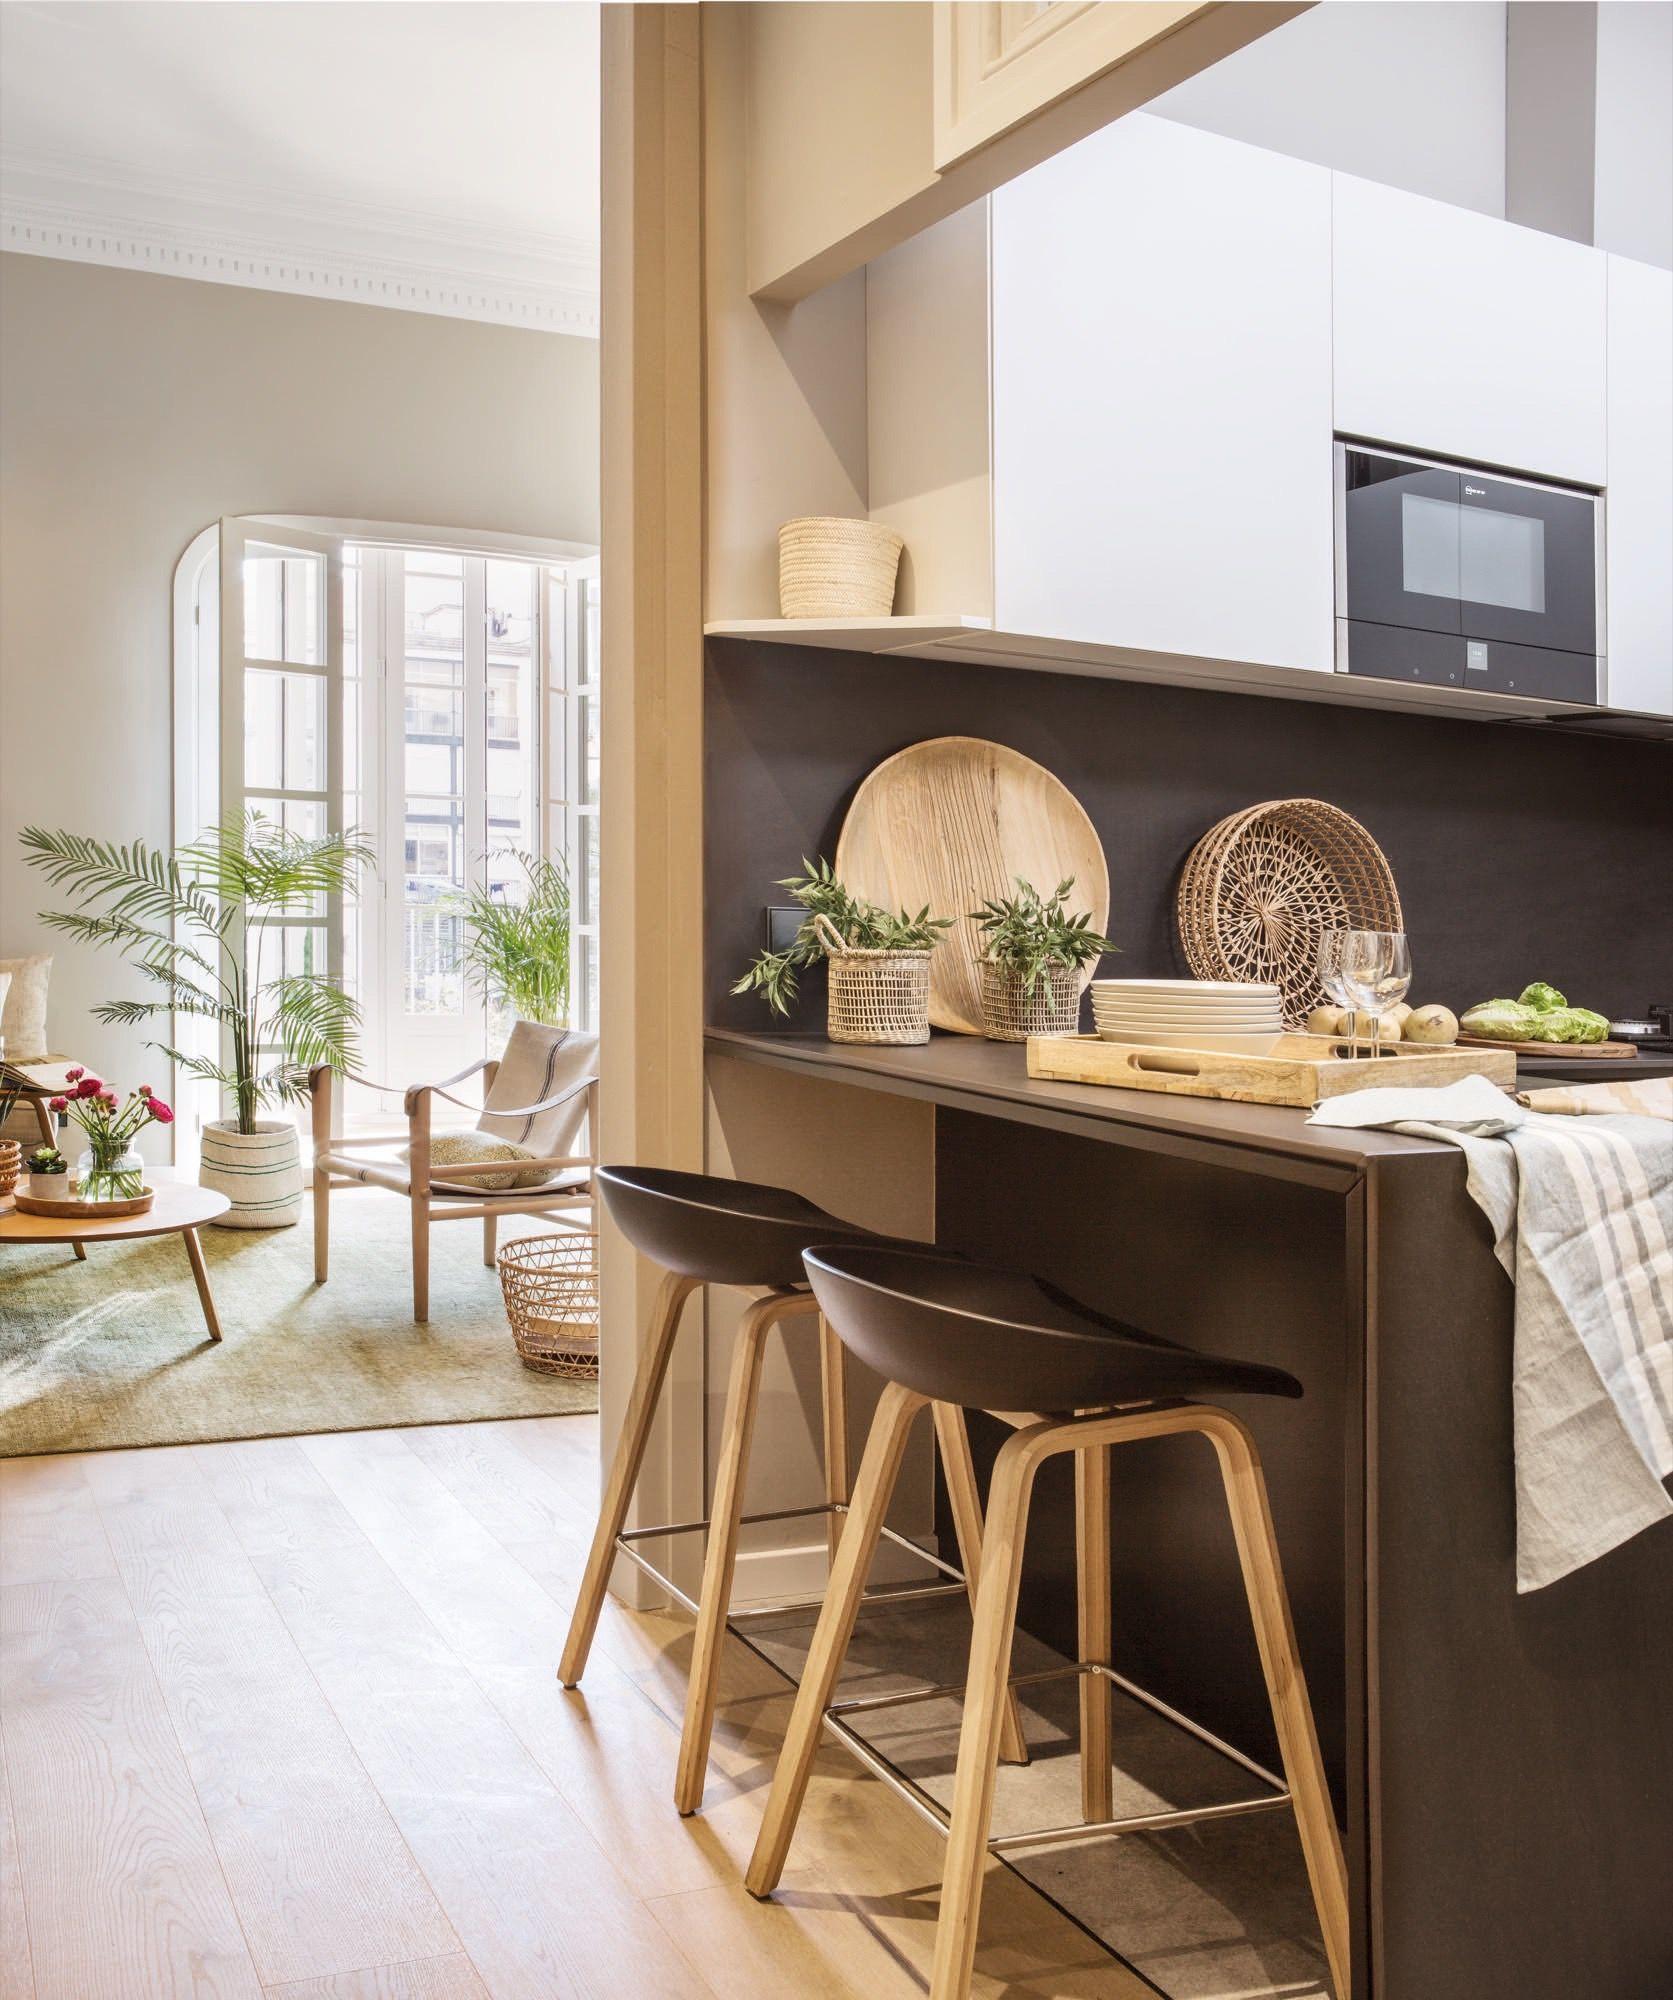 cocina pequeña con barra y abierta en un piso pequeño | Cocinas ...